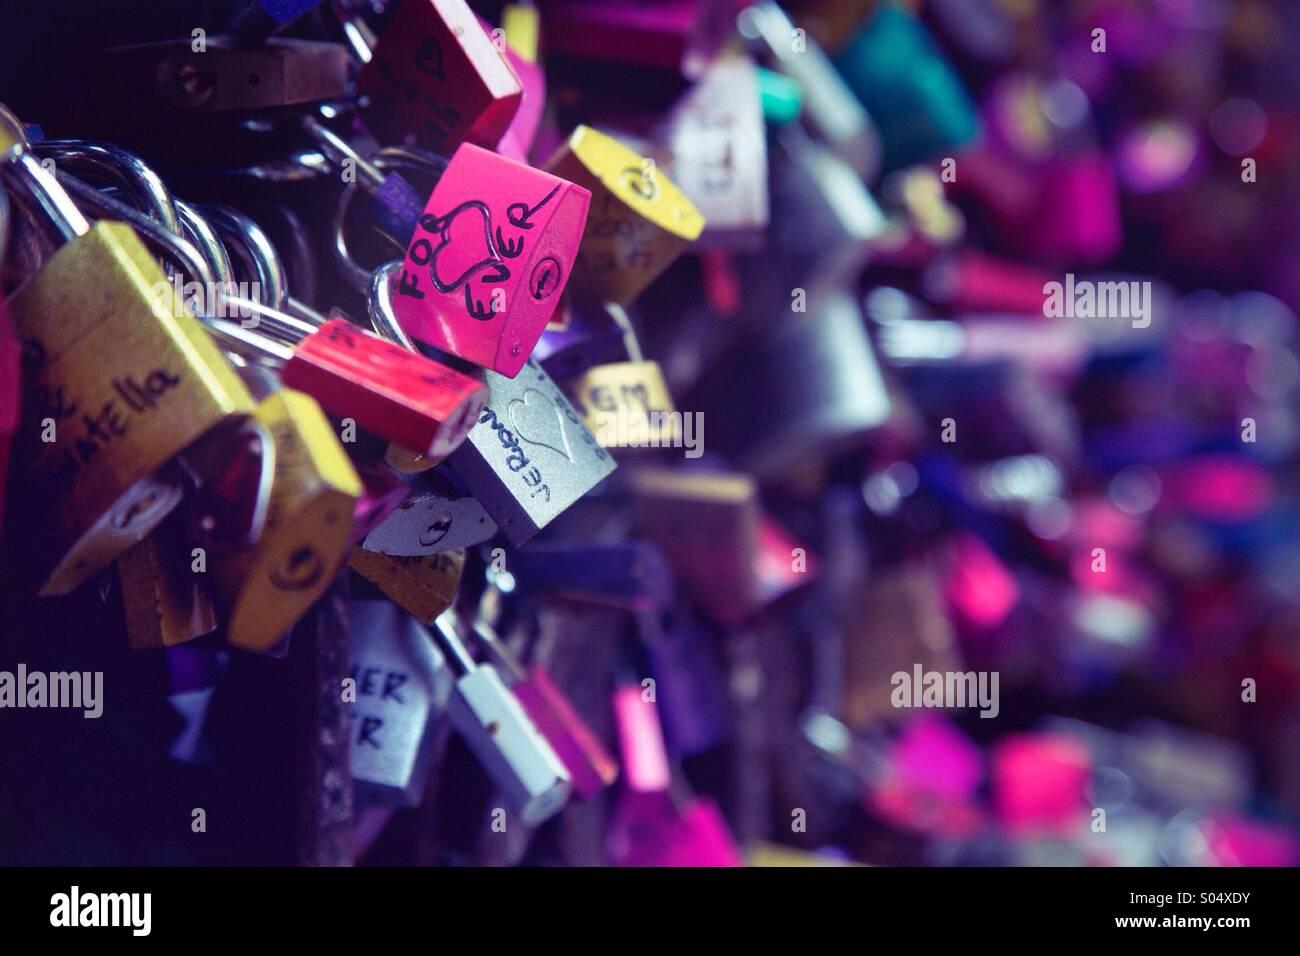 Liebesschlösser an der Wand auf dem Romeo und Julia Balkon in Verona, Italien. Stockbild